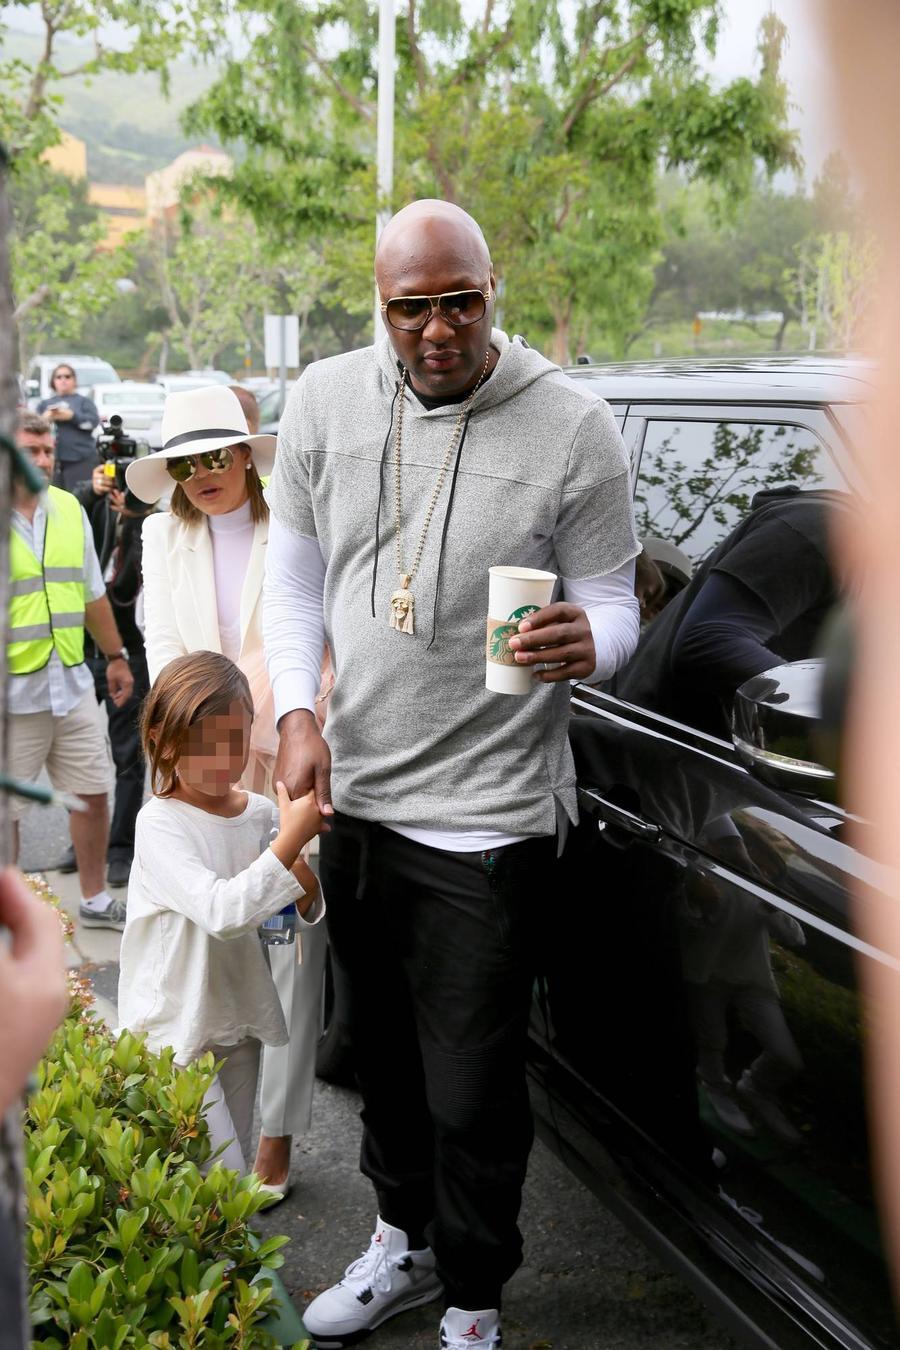 Khloe Kardashian Pushing Lamar Odom To Go To Rehab - Report